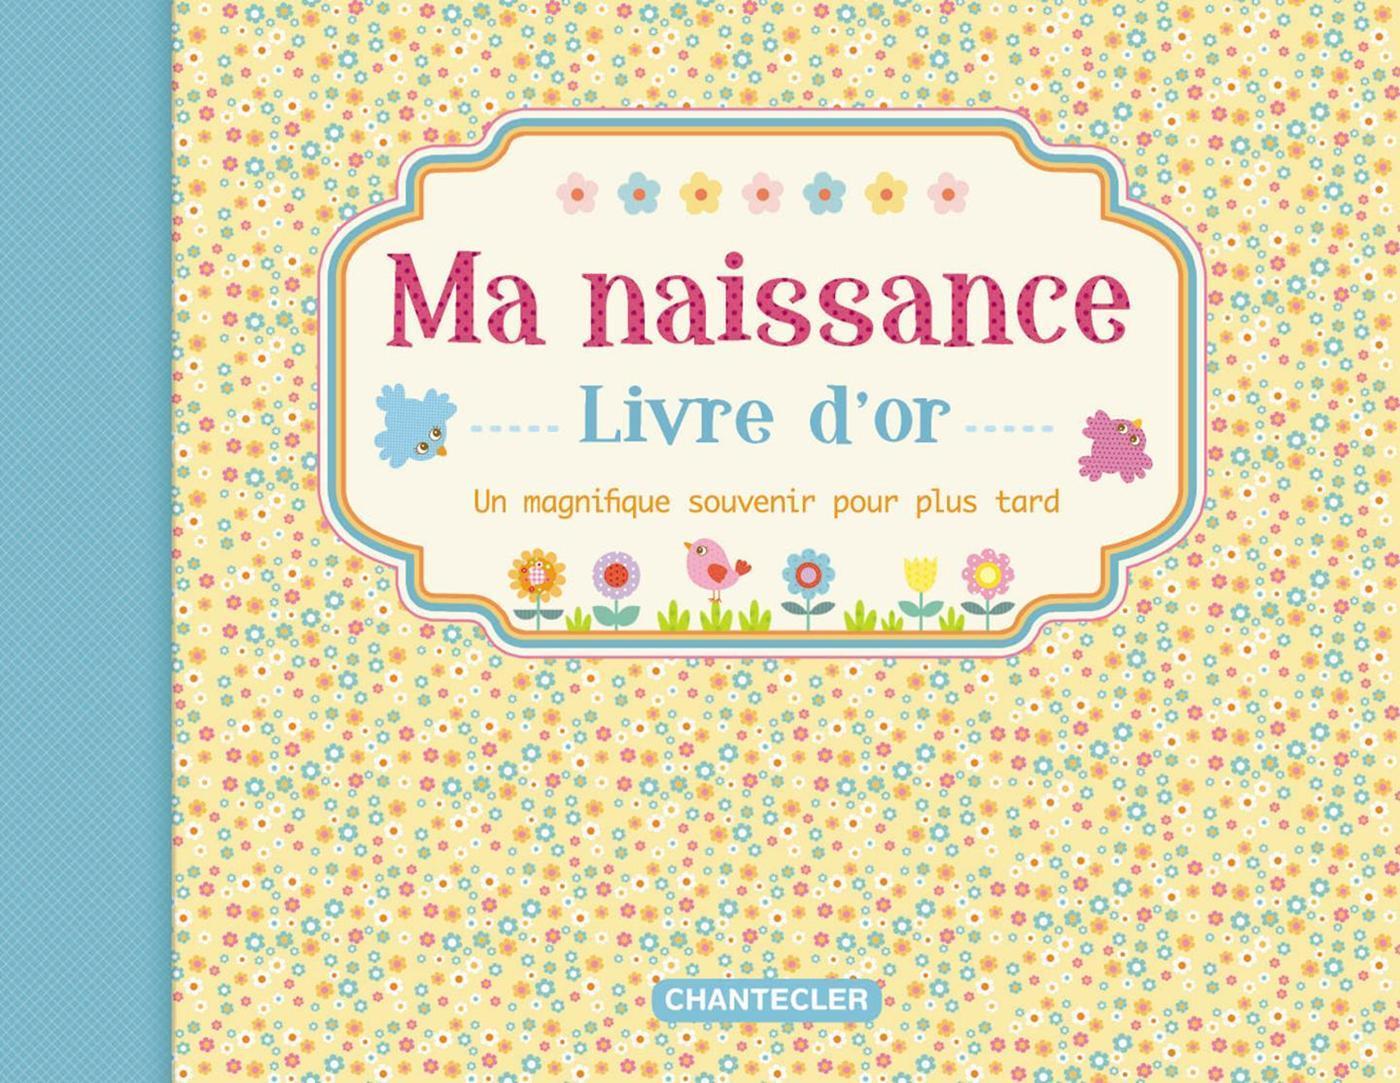 MA NAISSANCE LIVRE D'OR